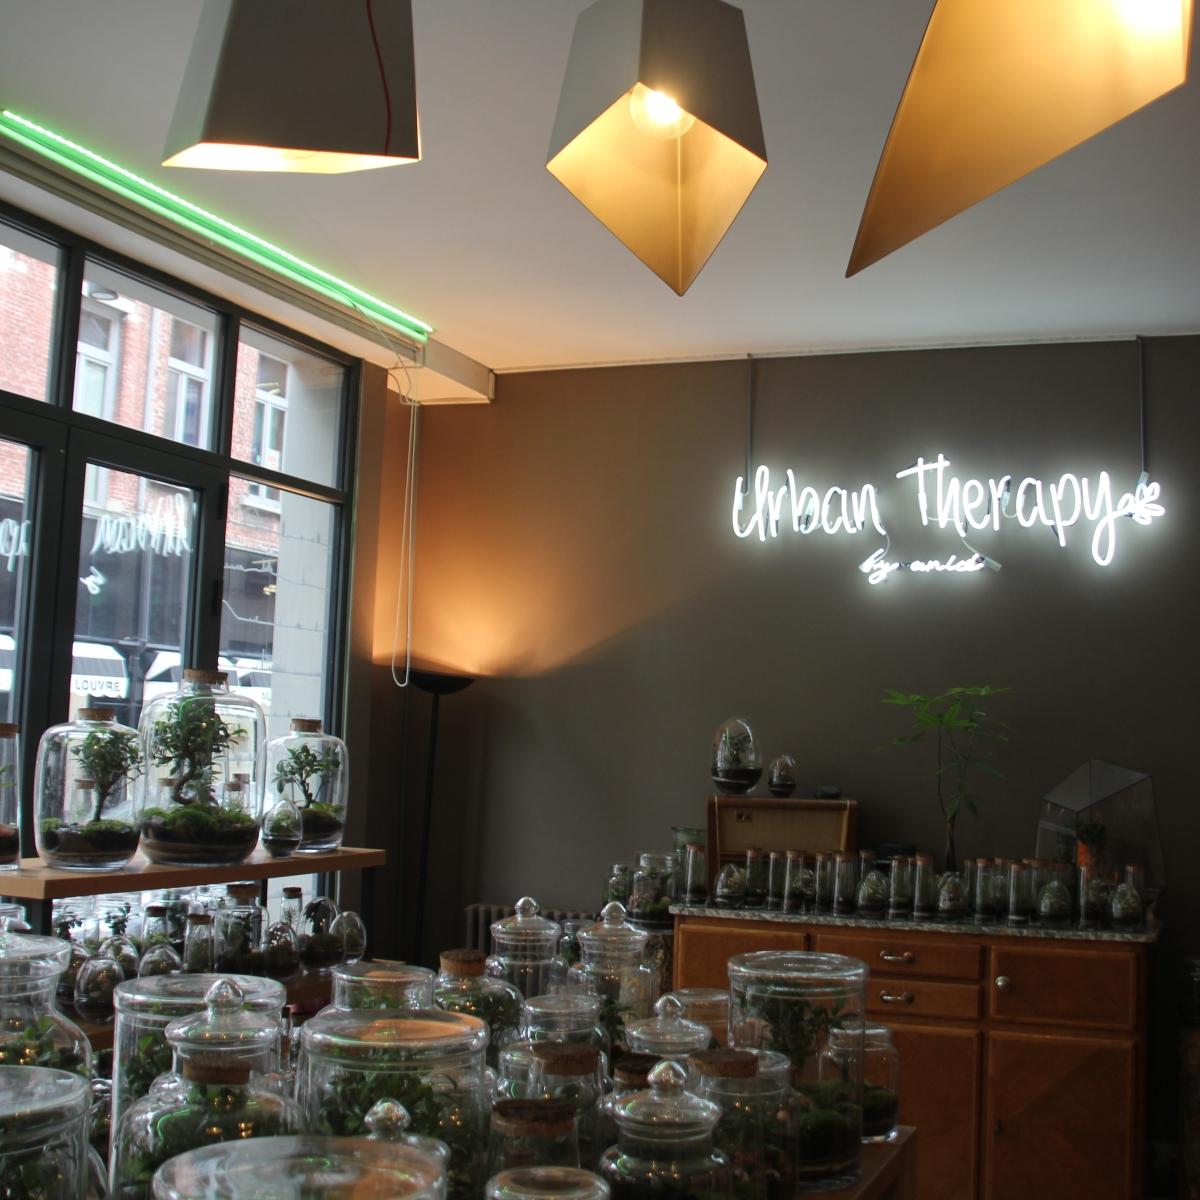 Thé, Brunch, Cadeaux et Terrariums chez Urban Therapy à Bruxelles